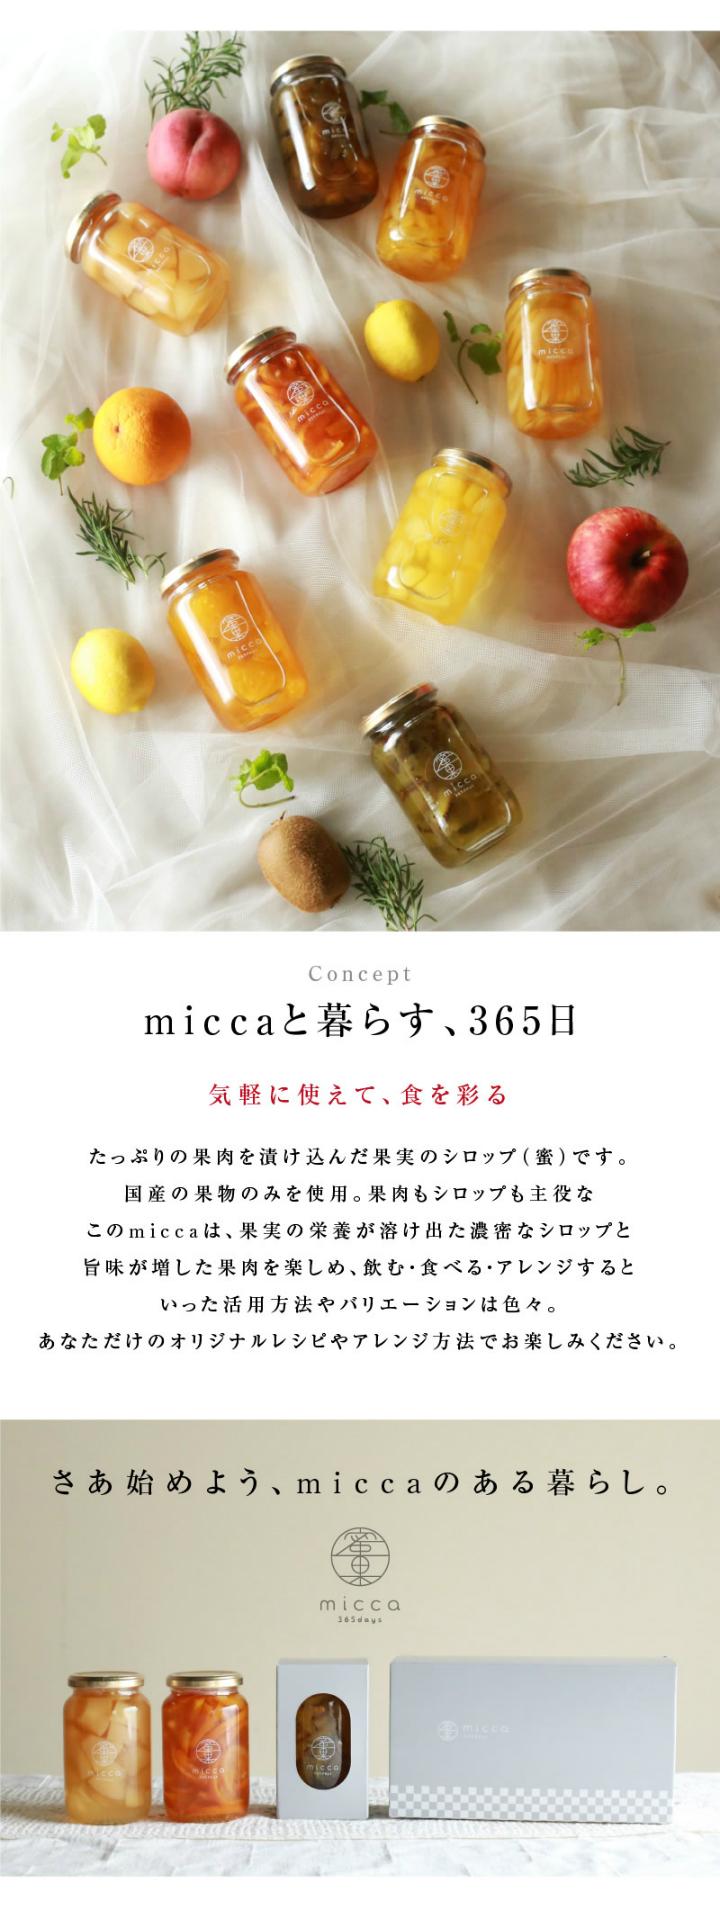 miccaと暮らす、365日。たっぷりの果肉を漬け込んだ果実のシロップ(蜜)です。国産の果物のみを使用。果肉もシロップも主役なこのmiccaは、果実の栄養が溶け出た濃密なシロップと旨味が増した果肉を楽しめ、飲む・食べる・アレンジするといった活用方法やバリエーションは色々。あなただけのオリジナルレシピやアレンジ方法でお楽しみください。さあ始めよう、miccaのある暮らし。